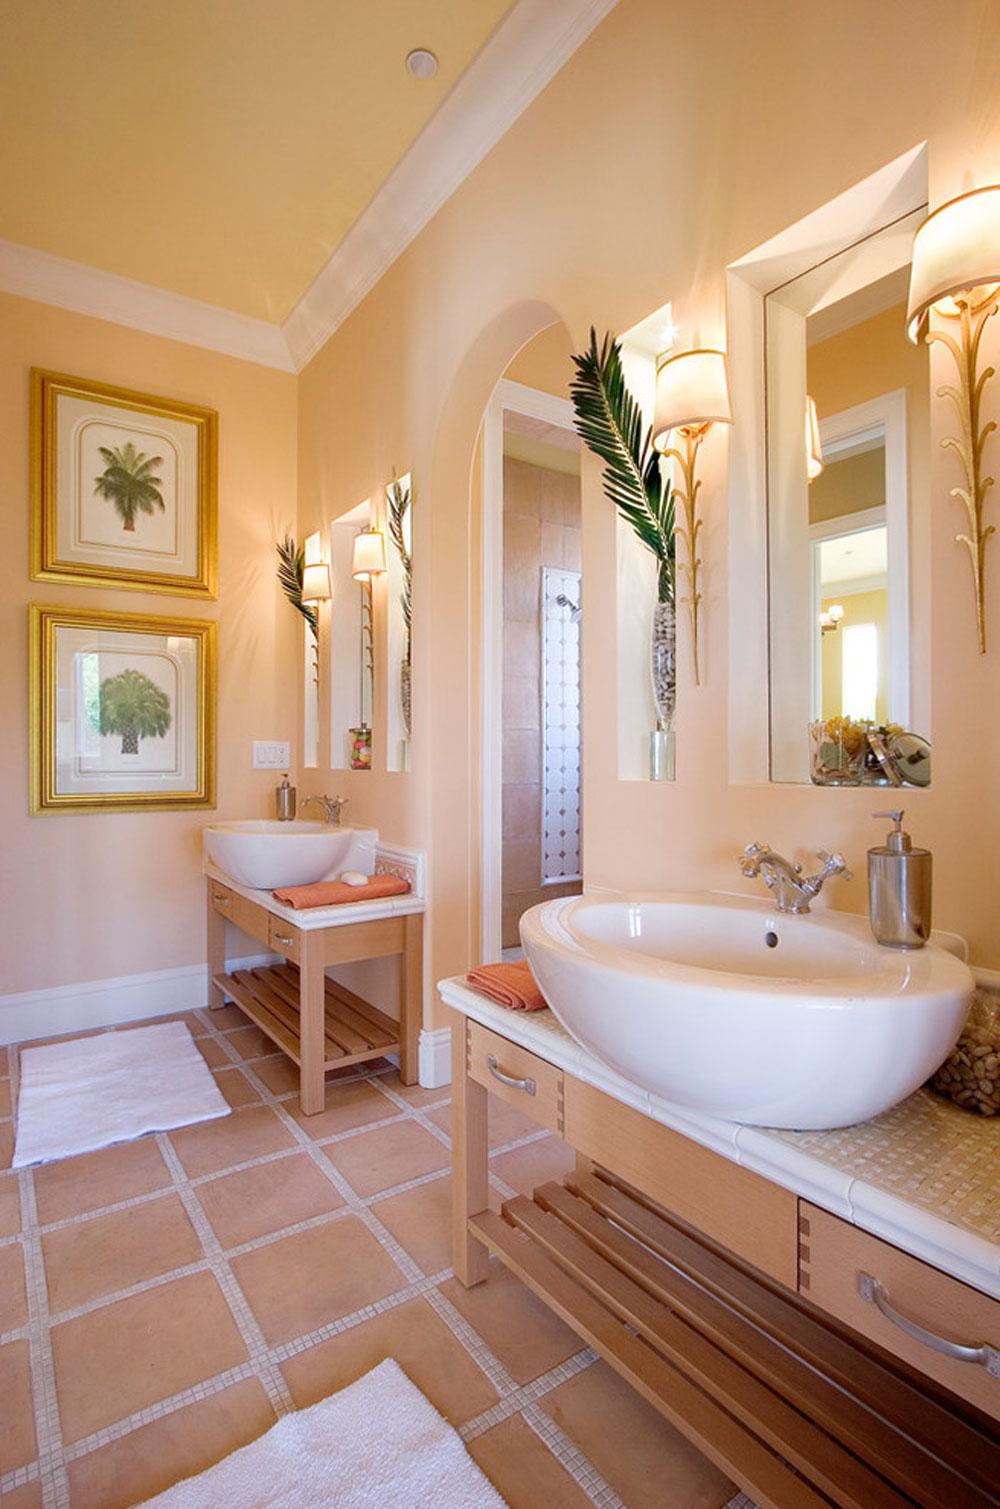 Aquarella-by-Silver-Sea-Homes använder persikafärgen för att dekorera fantastiska interiörer